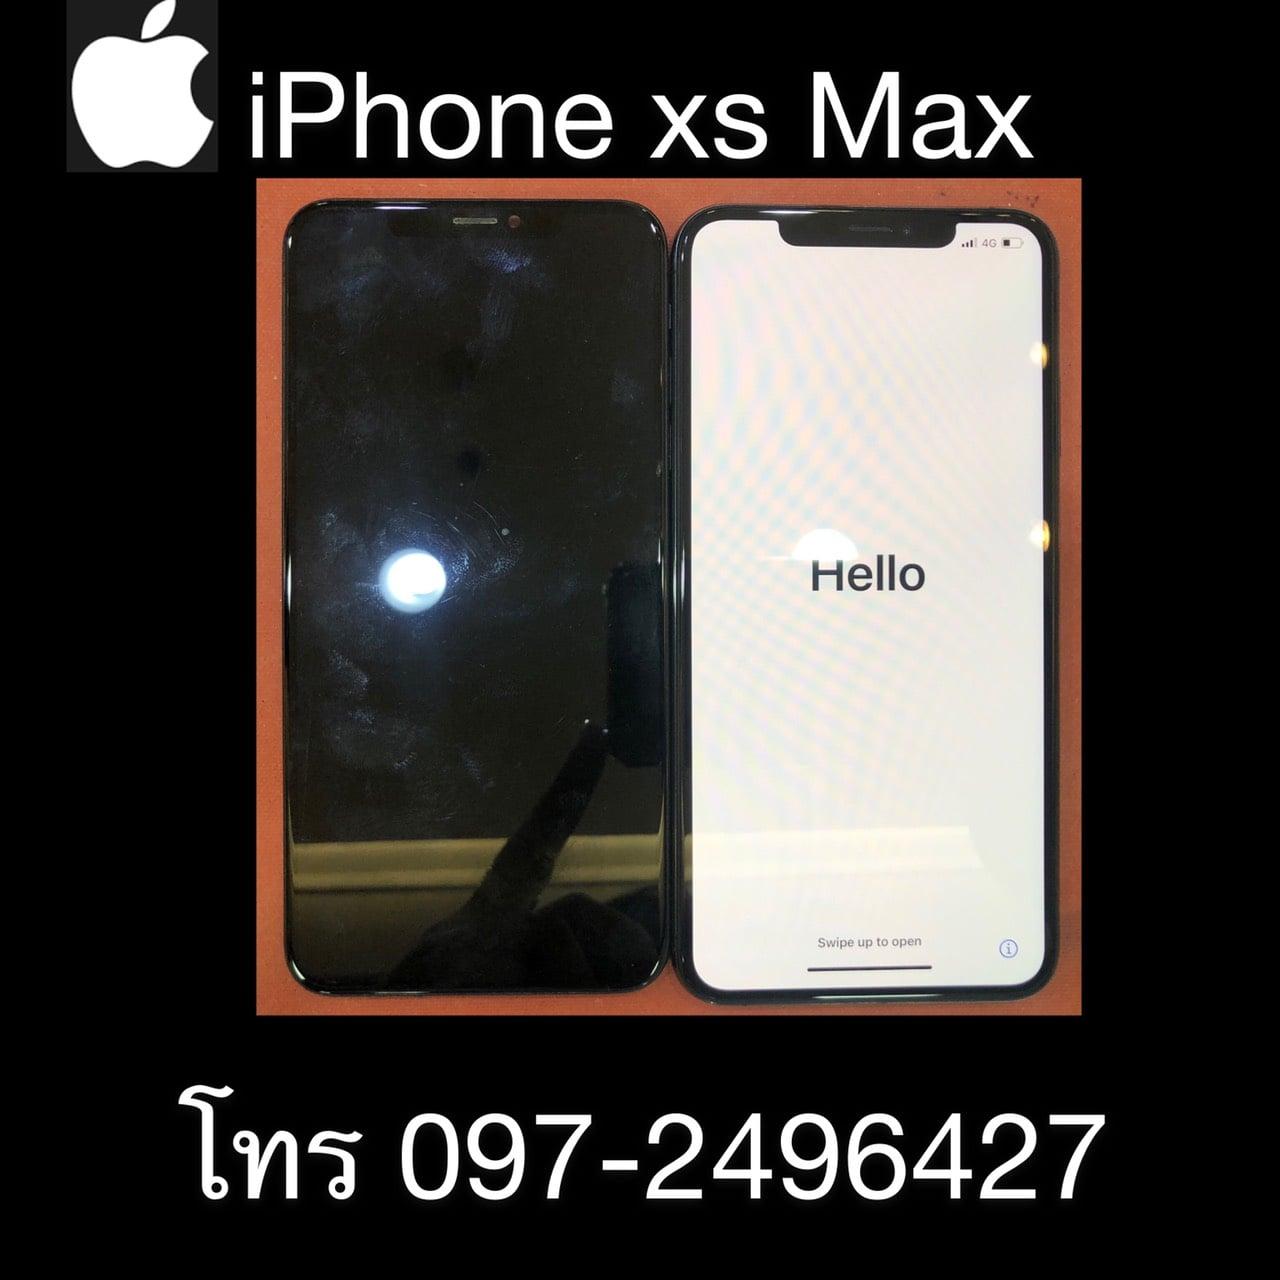 🥇 ศูนย์ซ่อม โทรศัพท์มือถือ มือถือทุกรุ่น ทุกยี่ห้อ iPhone   Apple   Samsung   Huawei